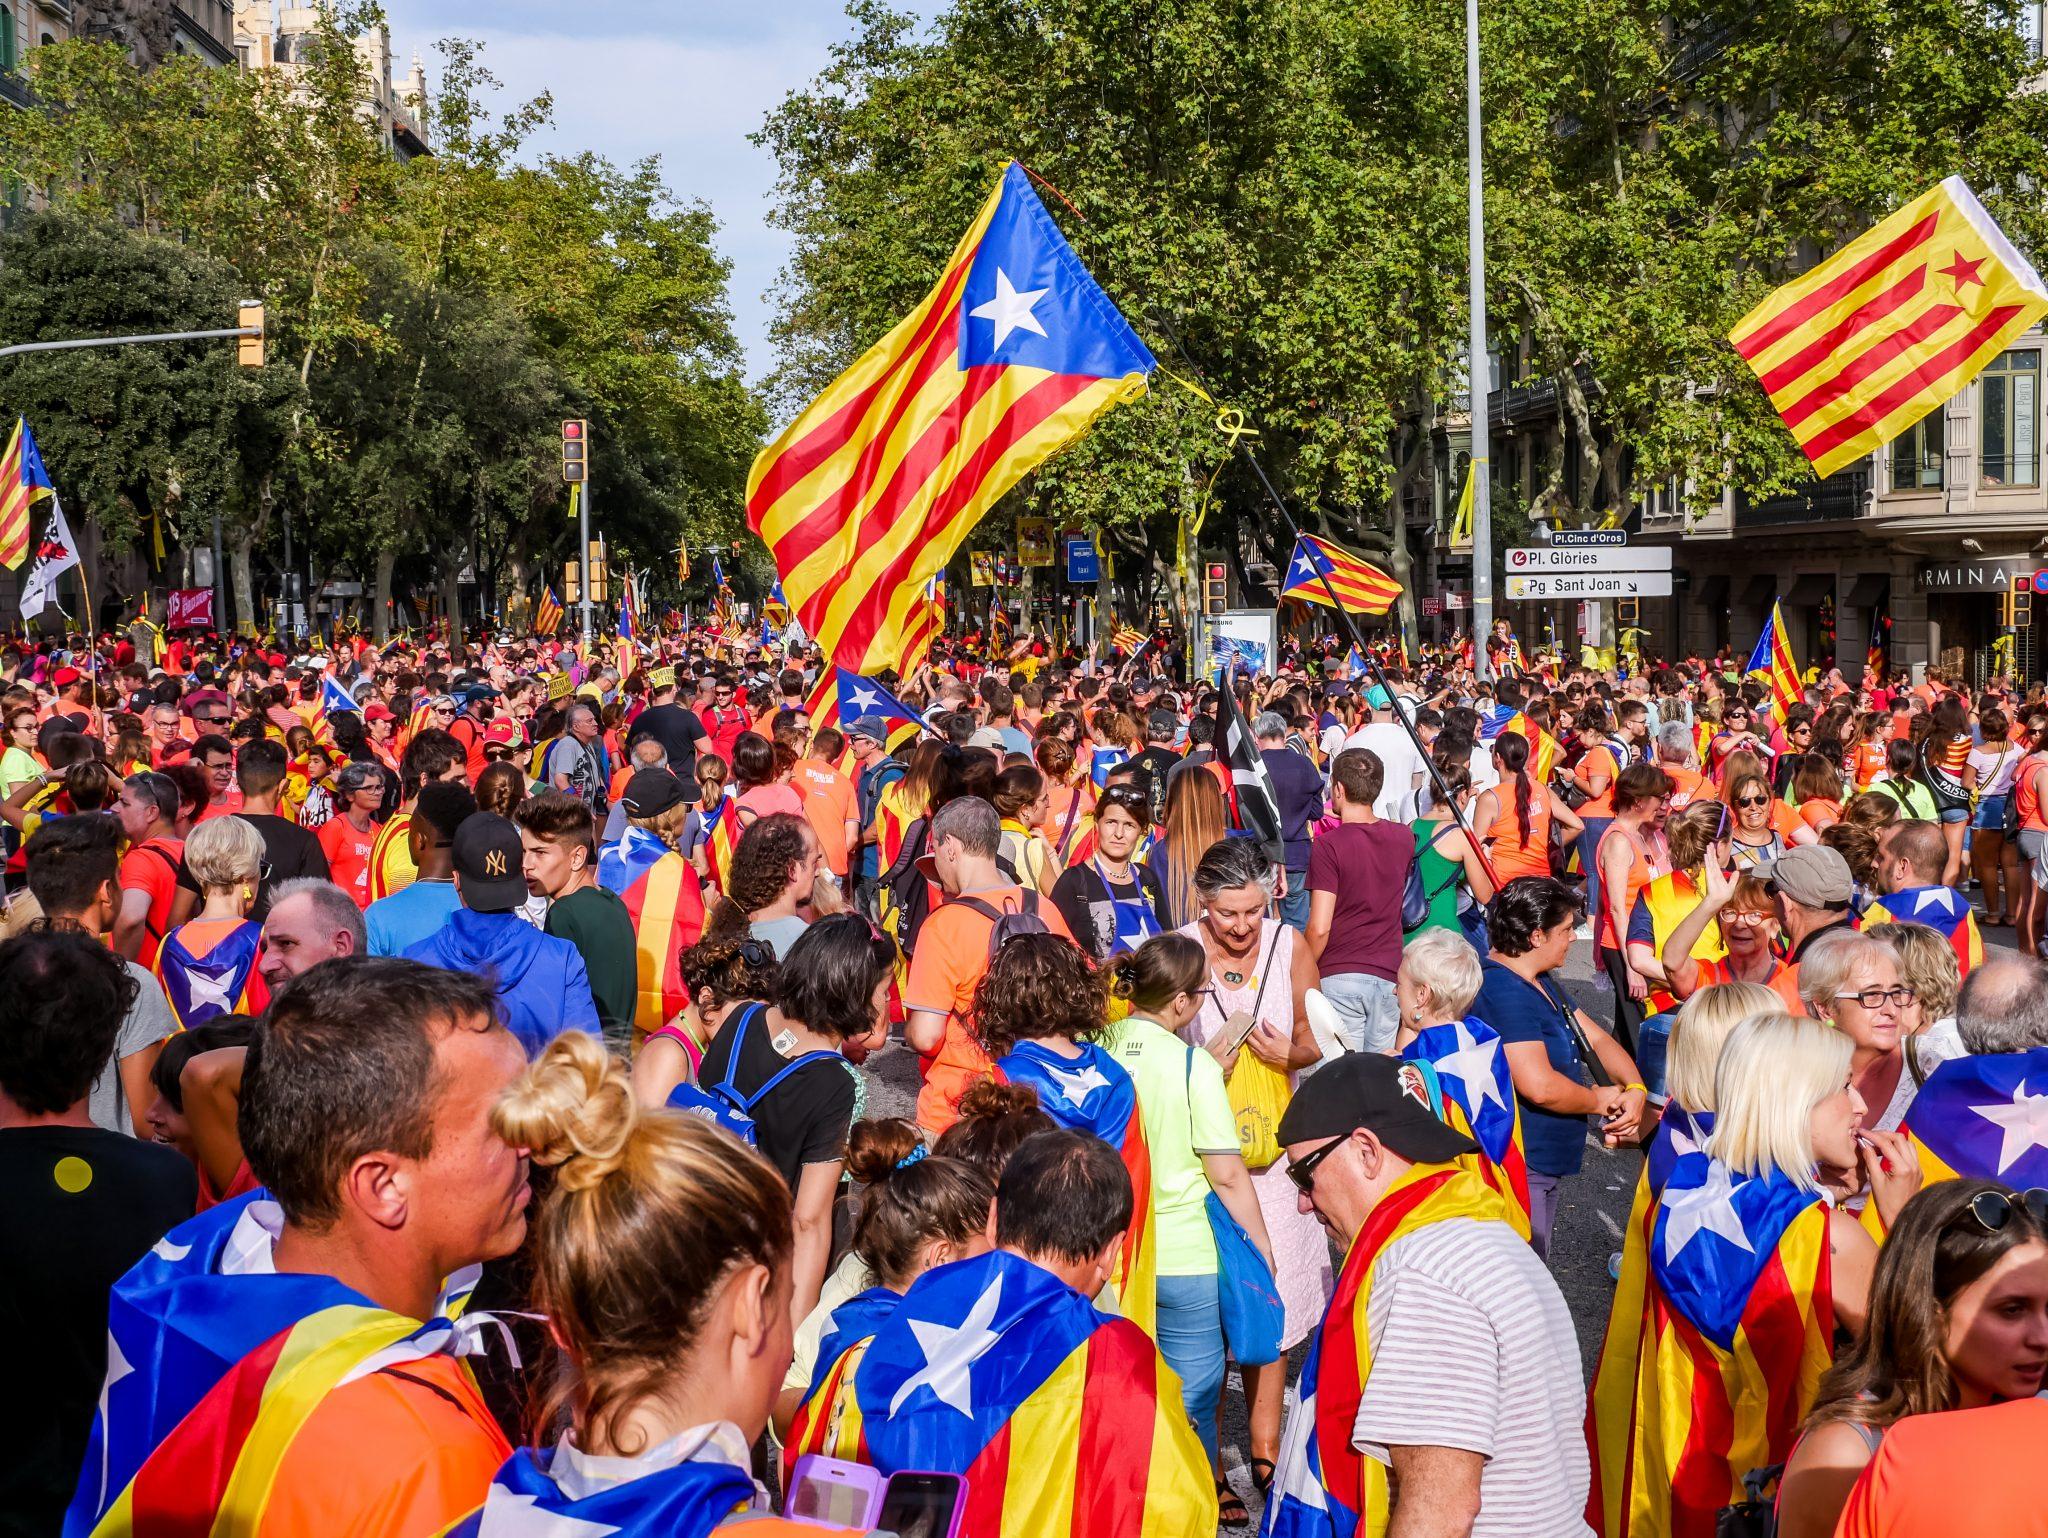 Insgesamt waren ungefähr eine Millionen Menschen während des Día de Cataluña auf den Straßen von Barcelona.